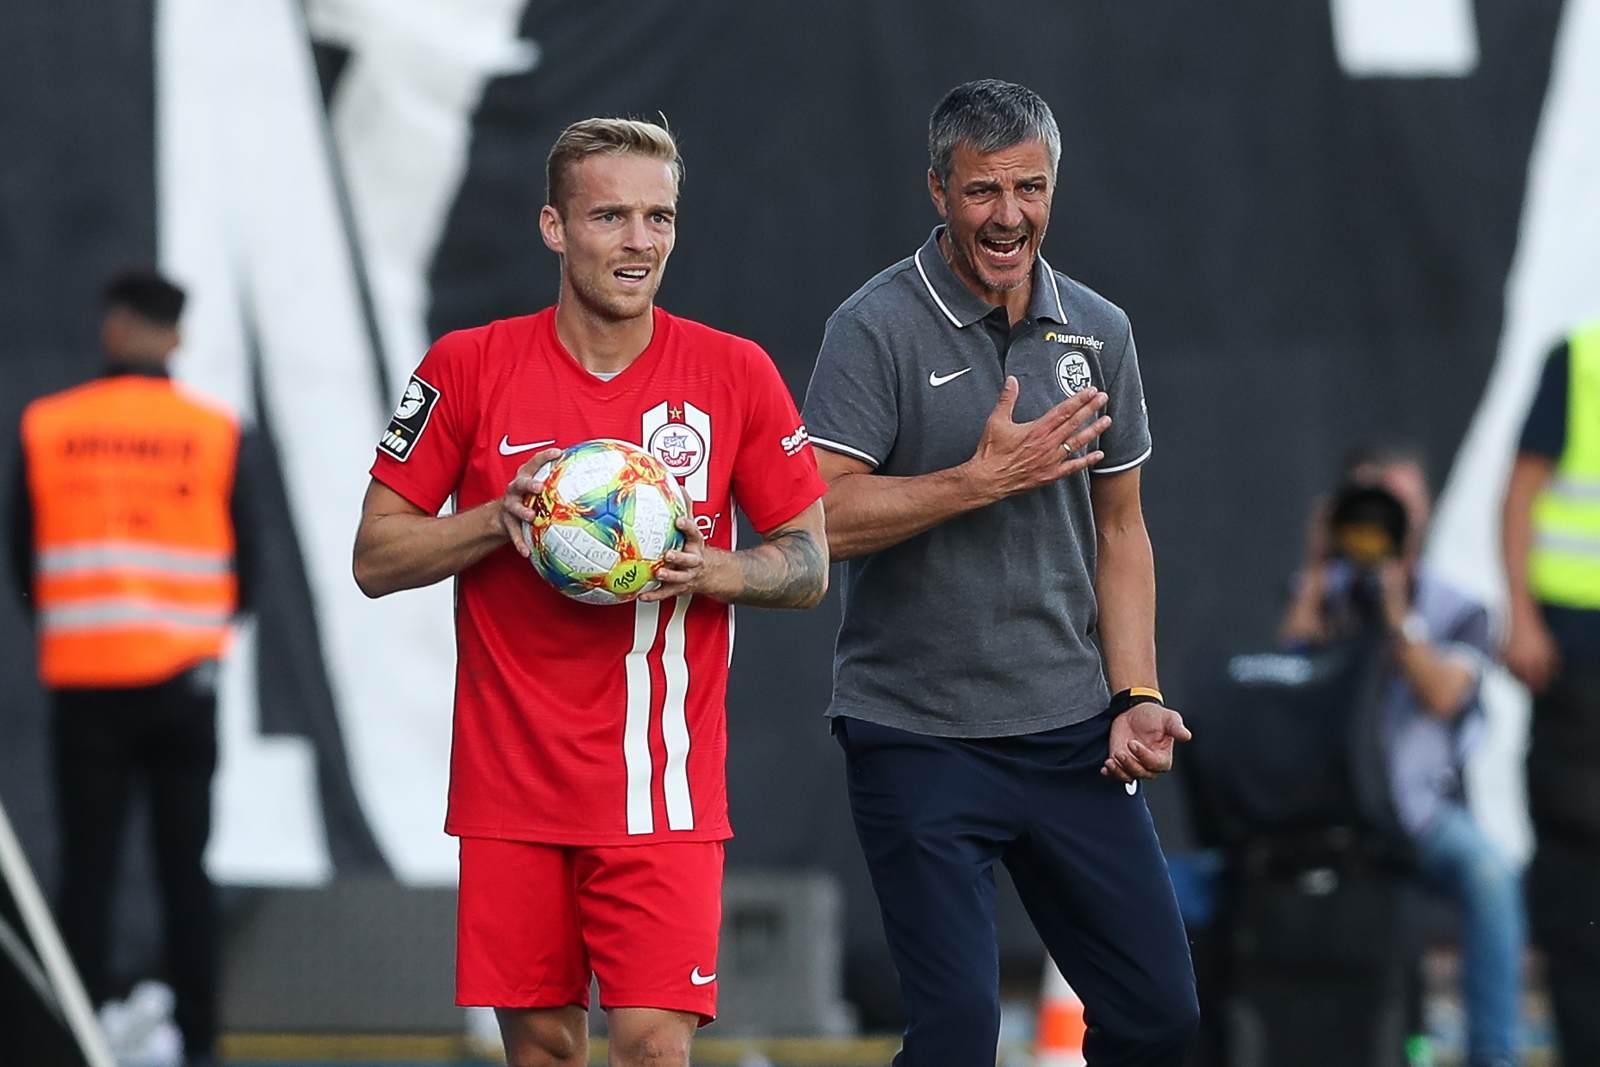 Nils Butzen und Jens Härtel bei Hansa Rostock